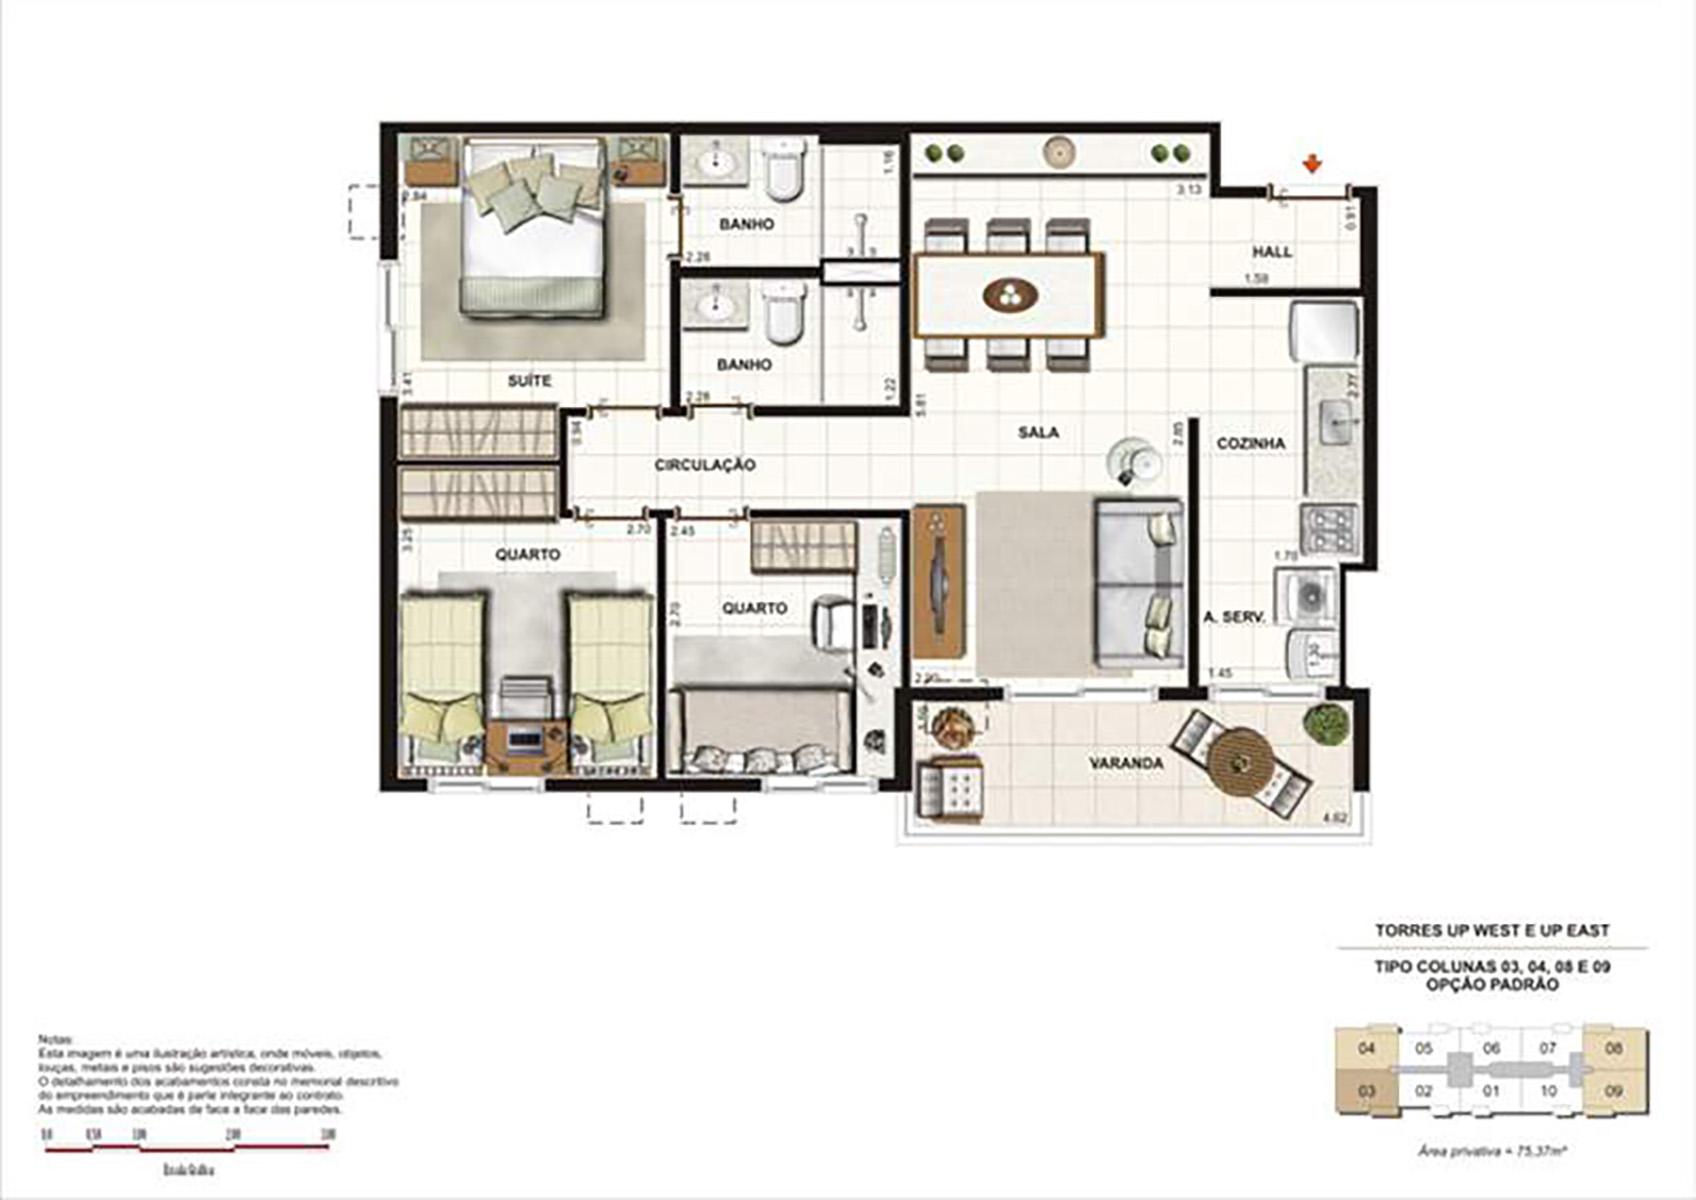 Ilustração Artística da Planta 75 m² tipo 1 Up Residence